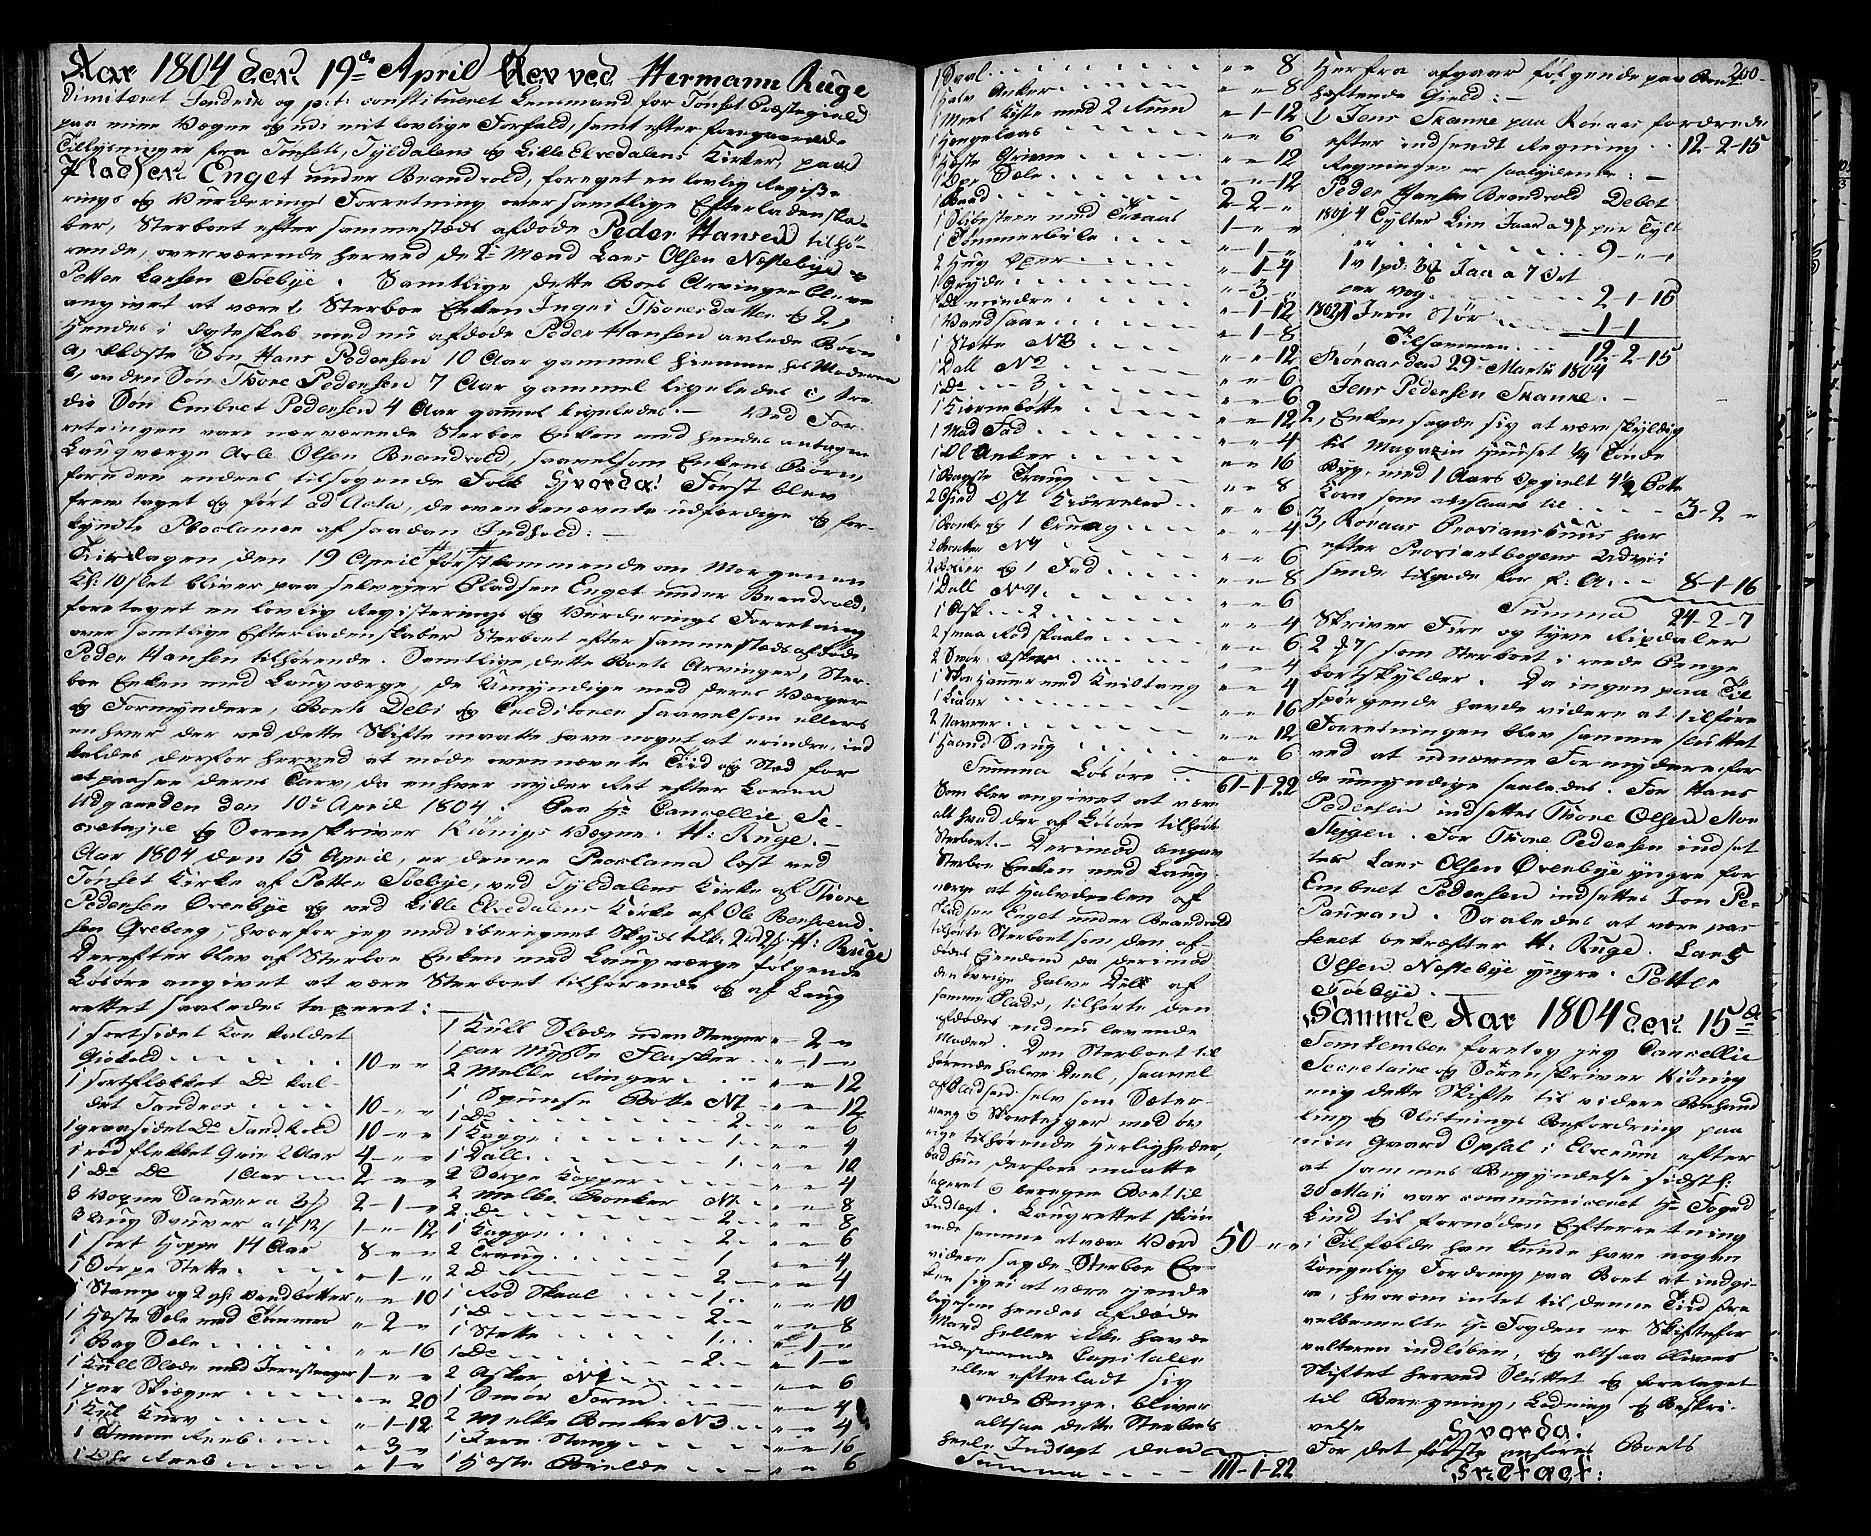 SAH, Østerdalen sorenskriveri, J/Ja/L0009: Skifteprotokoll, 1803-1806, s. 199b-200a